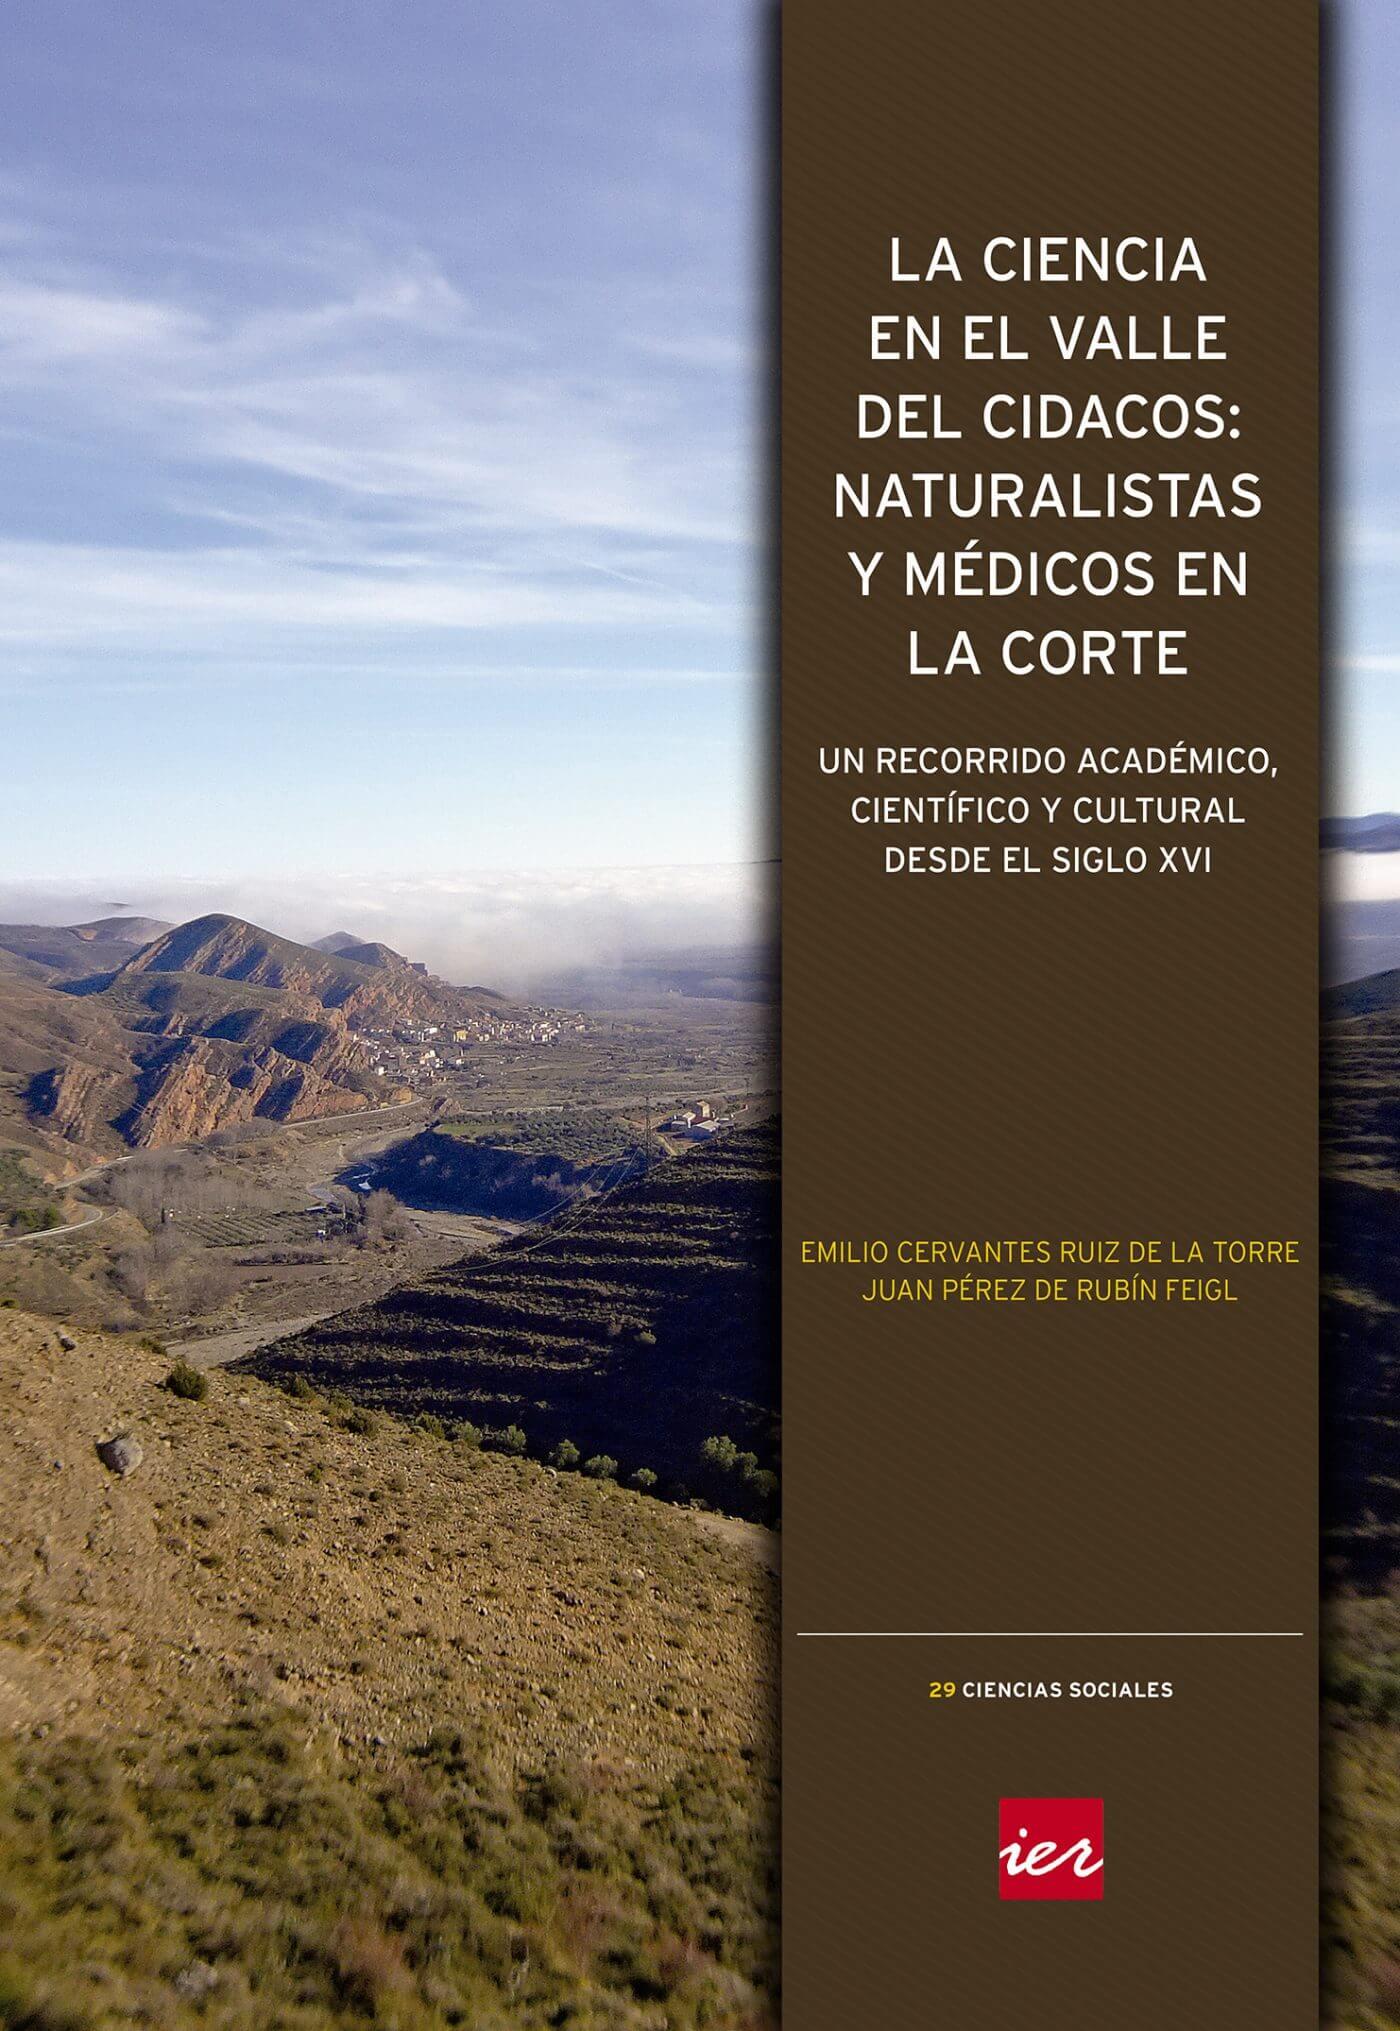 El IER edita un monográfico sobre la ciencia en el Valle del Cidacos desde el siglo XVI